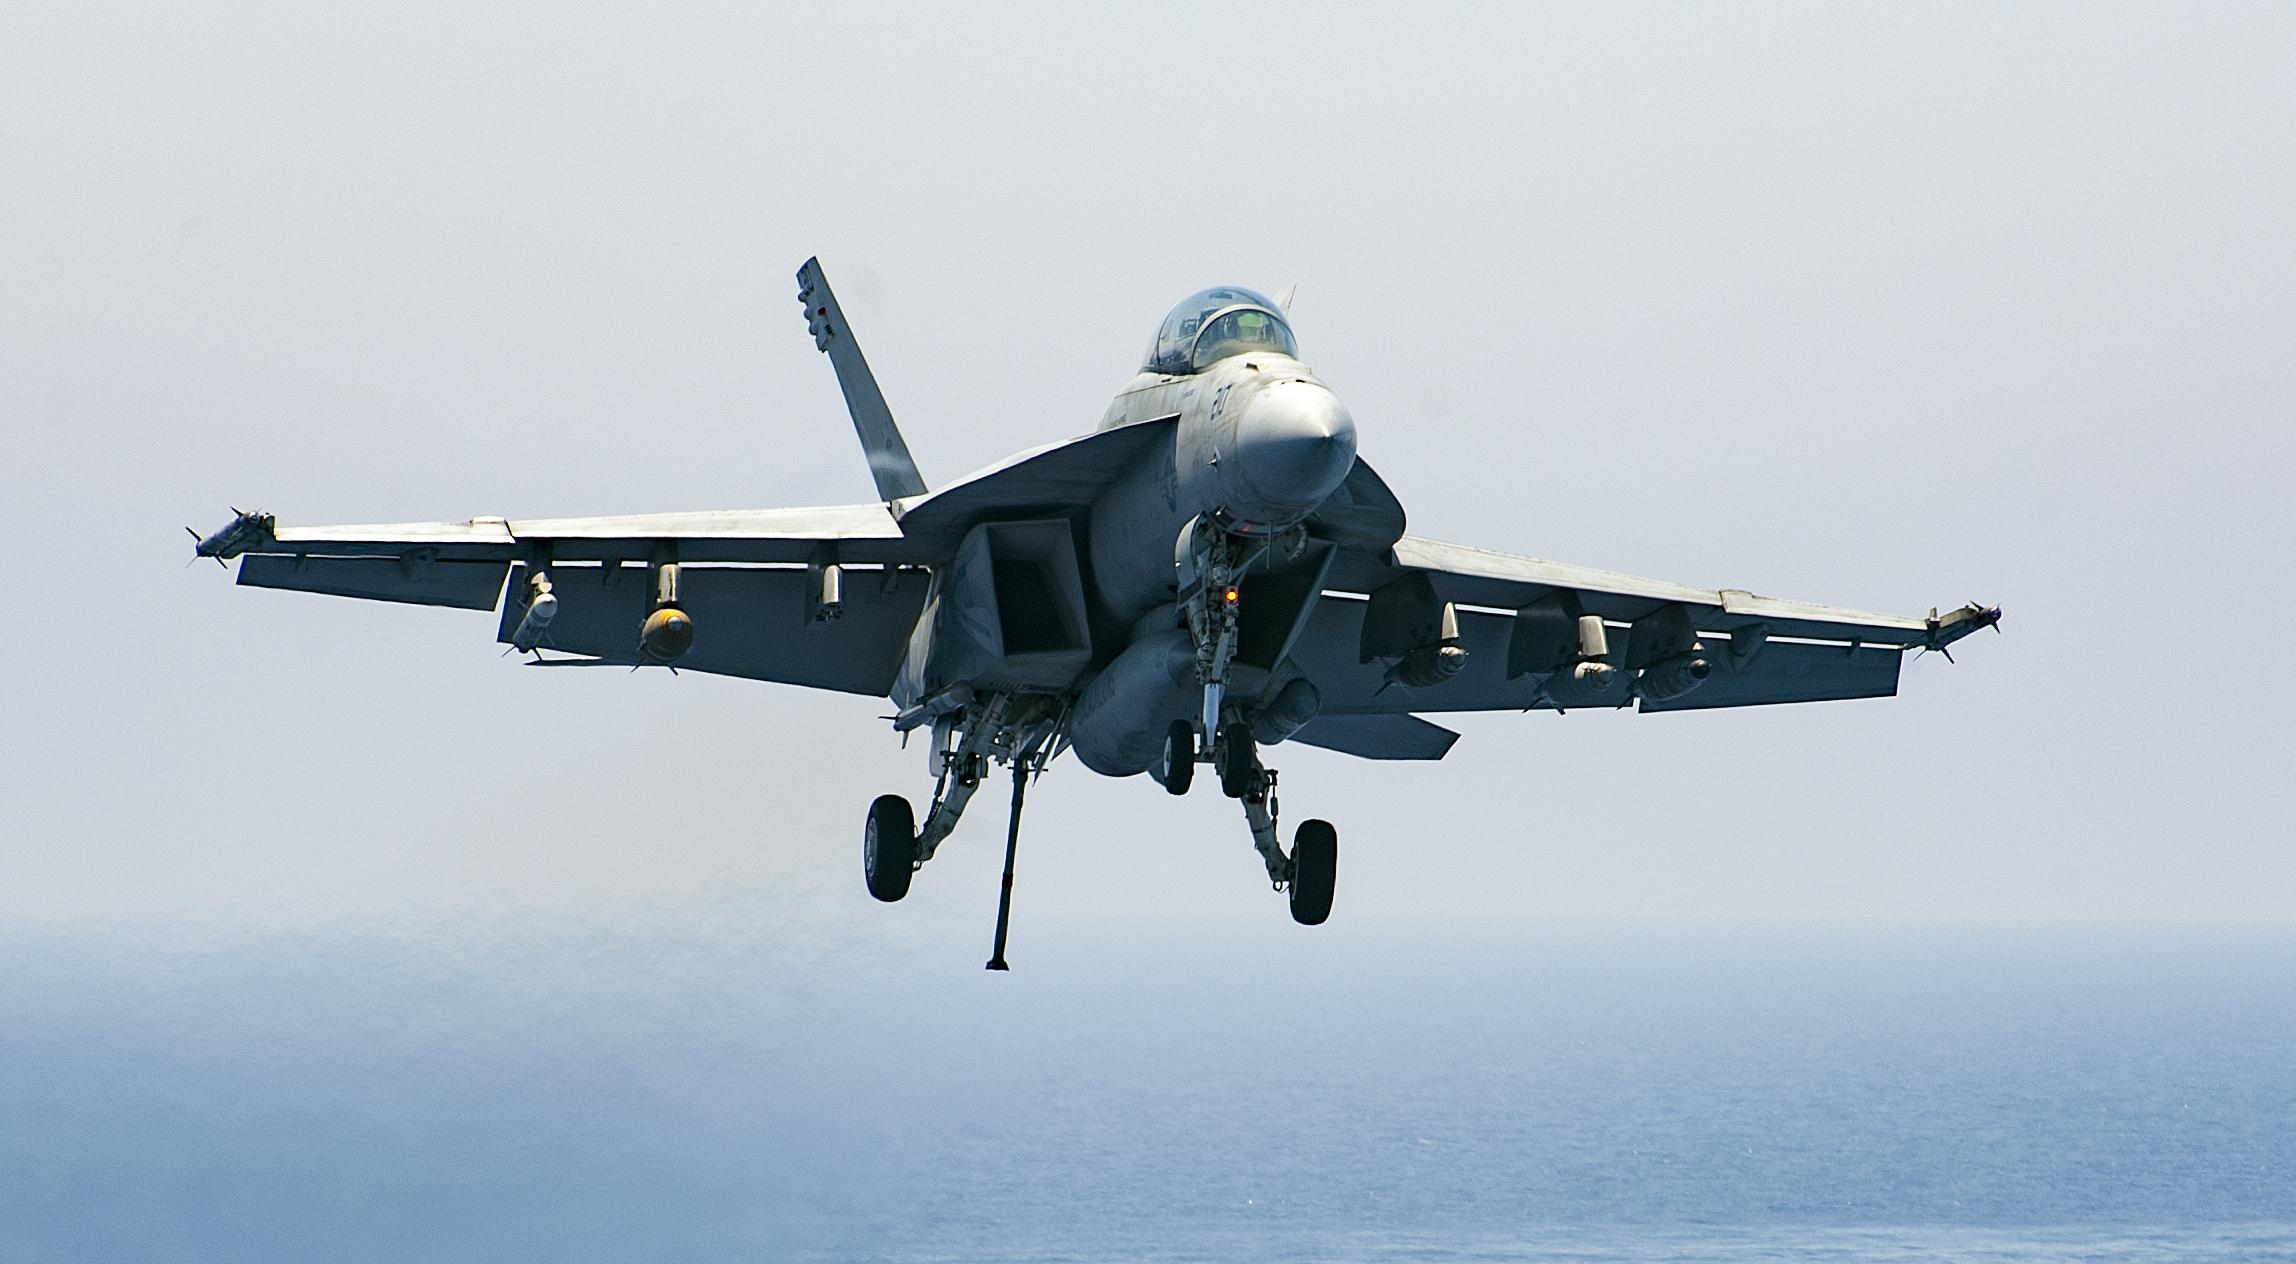 Blacklions Super Hornet Fighter Jet